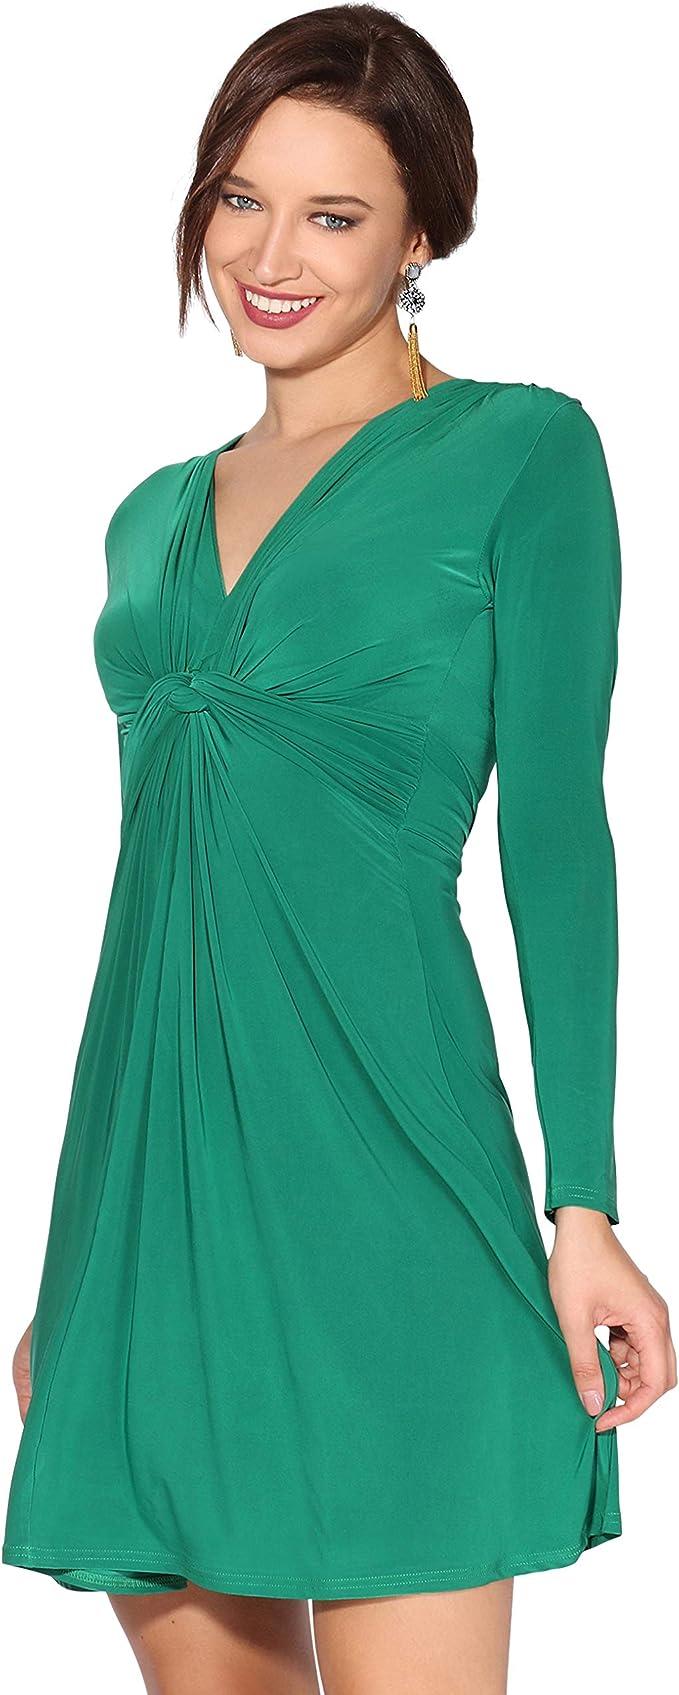 TALLA 44. KRISP Vestido Mujer Verano Corto Cruzado Casual Estampado Bohemio Flores Verde Oscuro (9878) 44